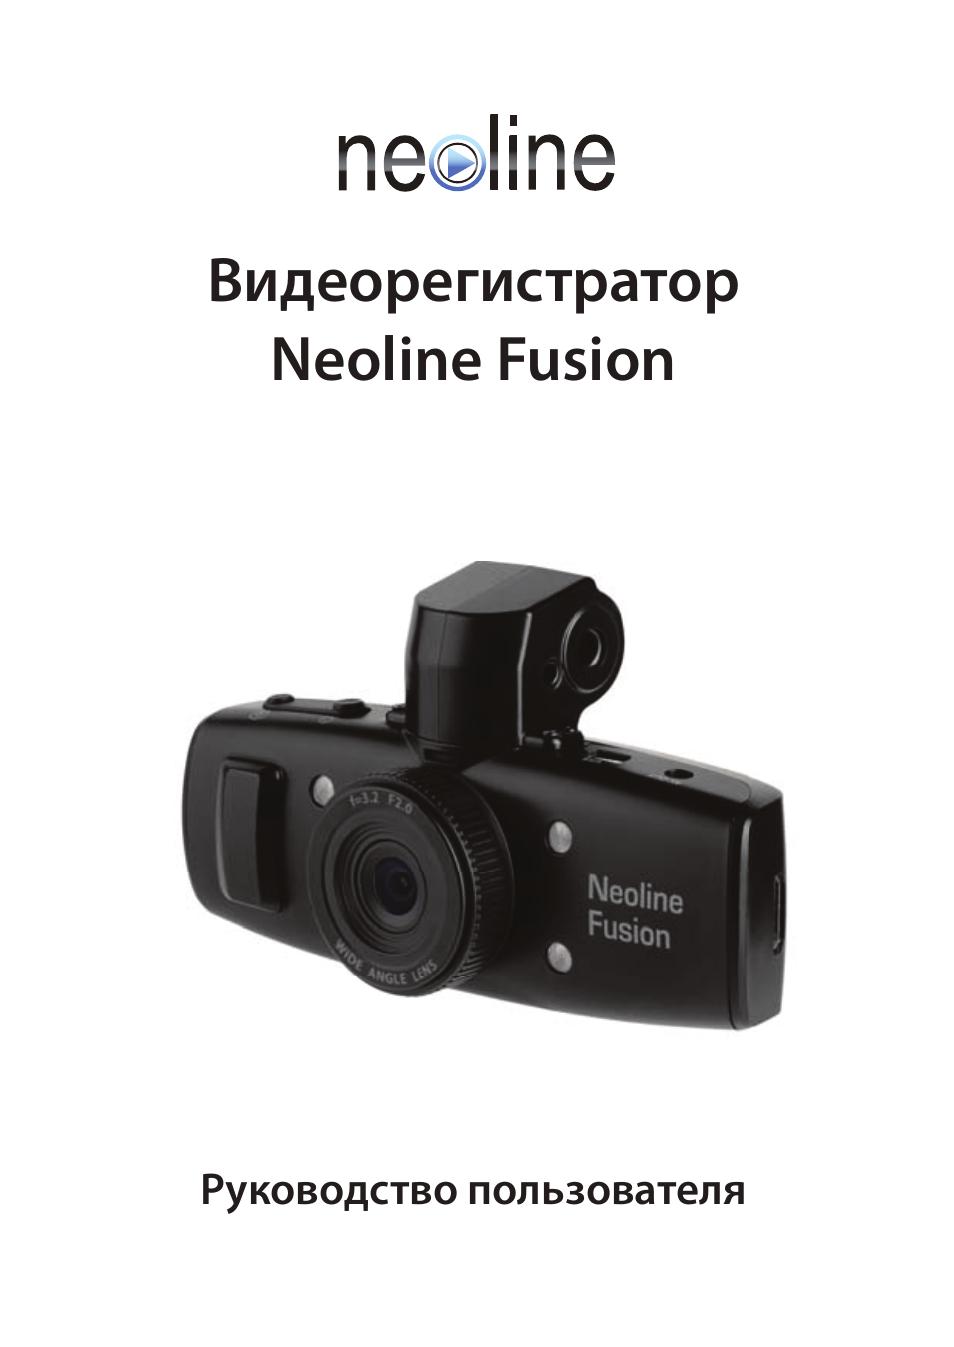 Видеорегистратор neoline fusionа видеорегистраторы видео ютуб